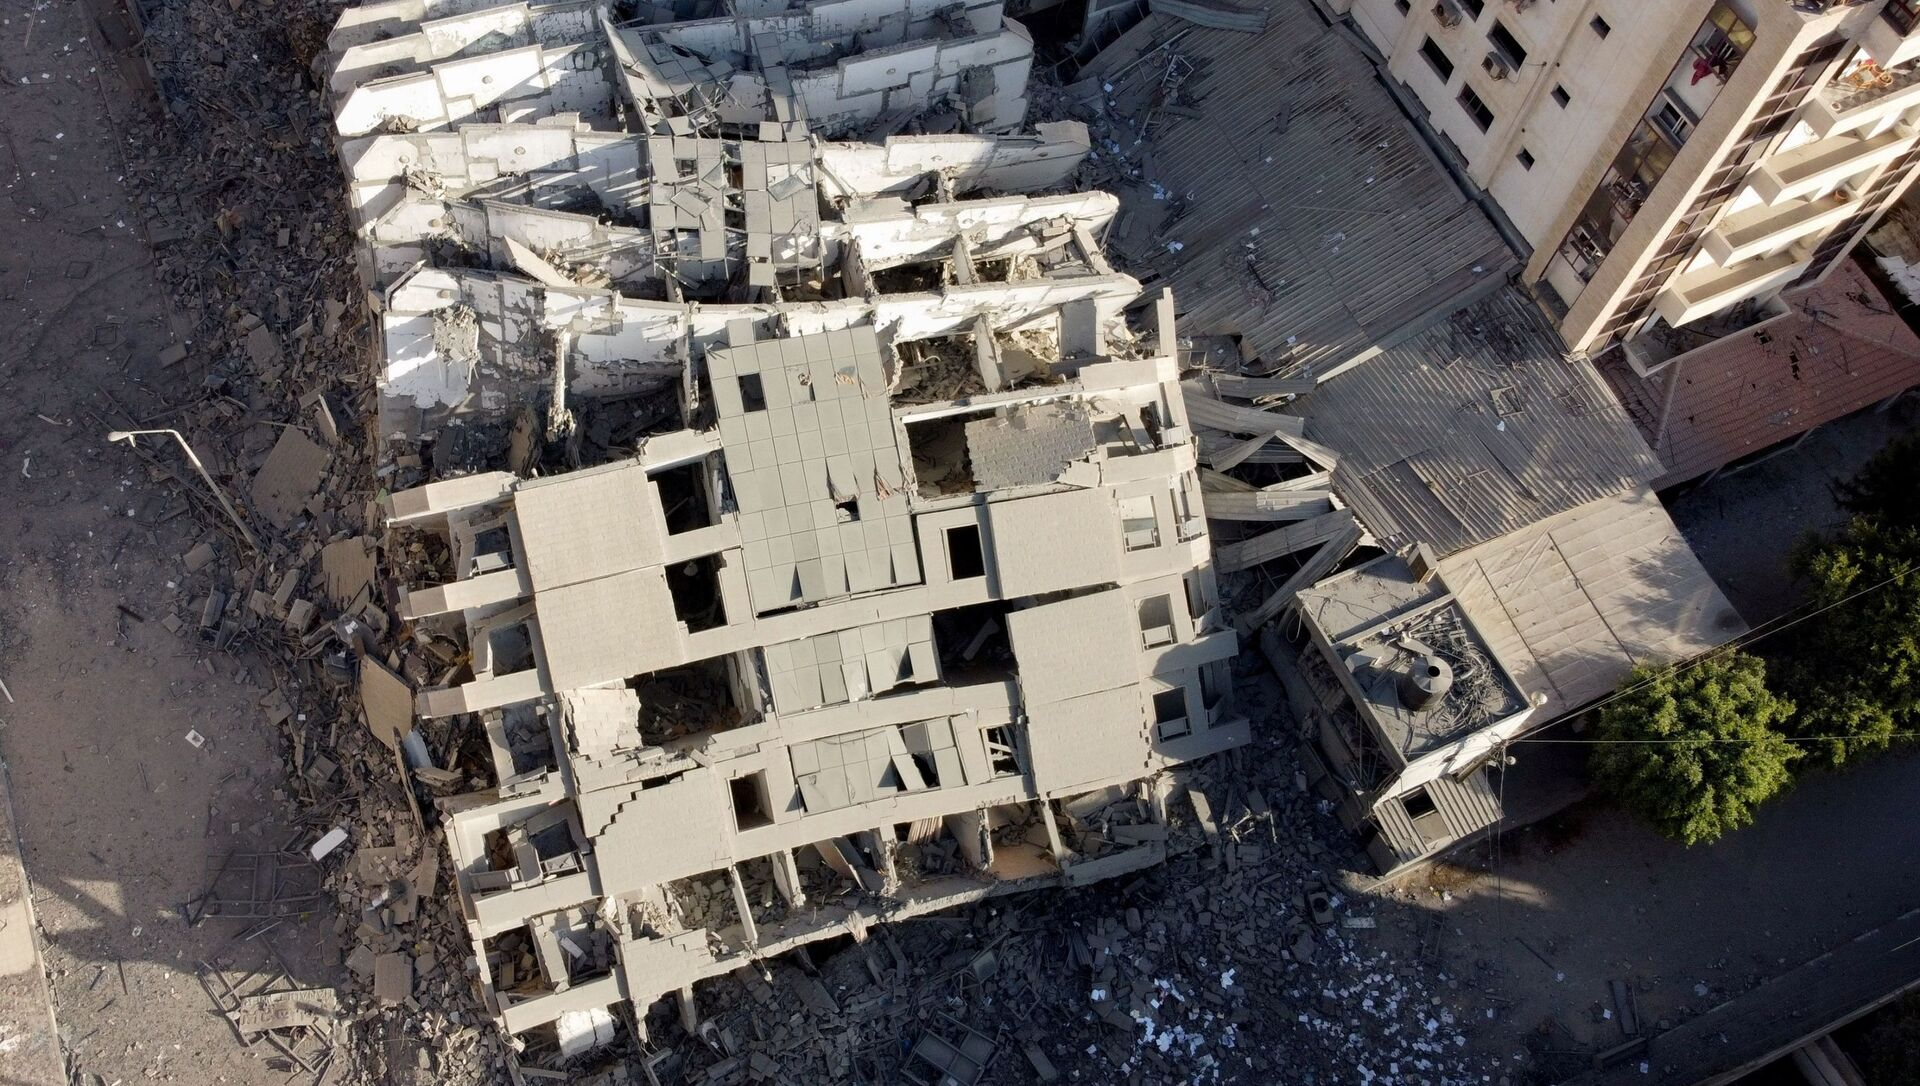 Rovine di un edificio nella striscia di Gaza colpito da Israele - Sputnik Italia, 1920, 14.05.2021